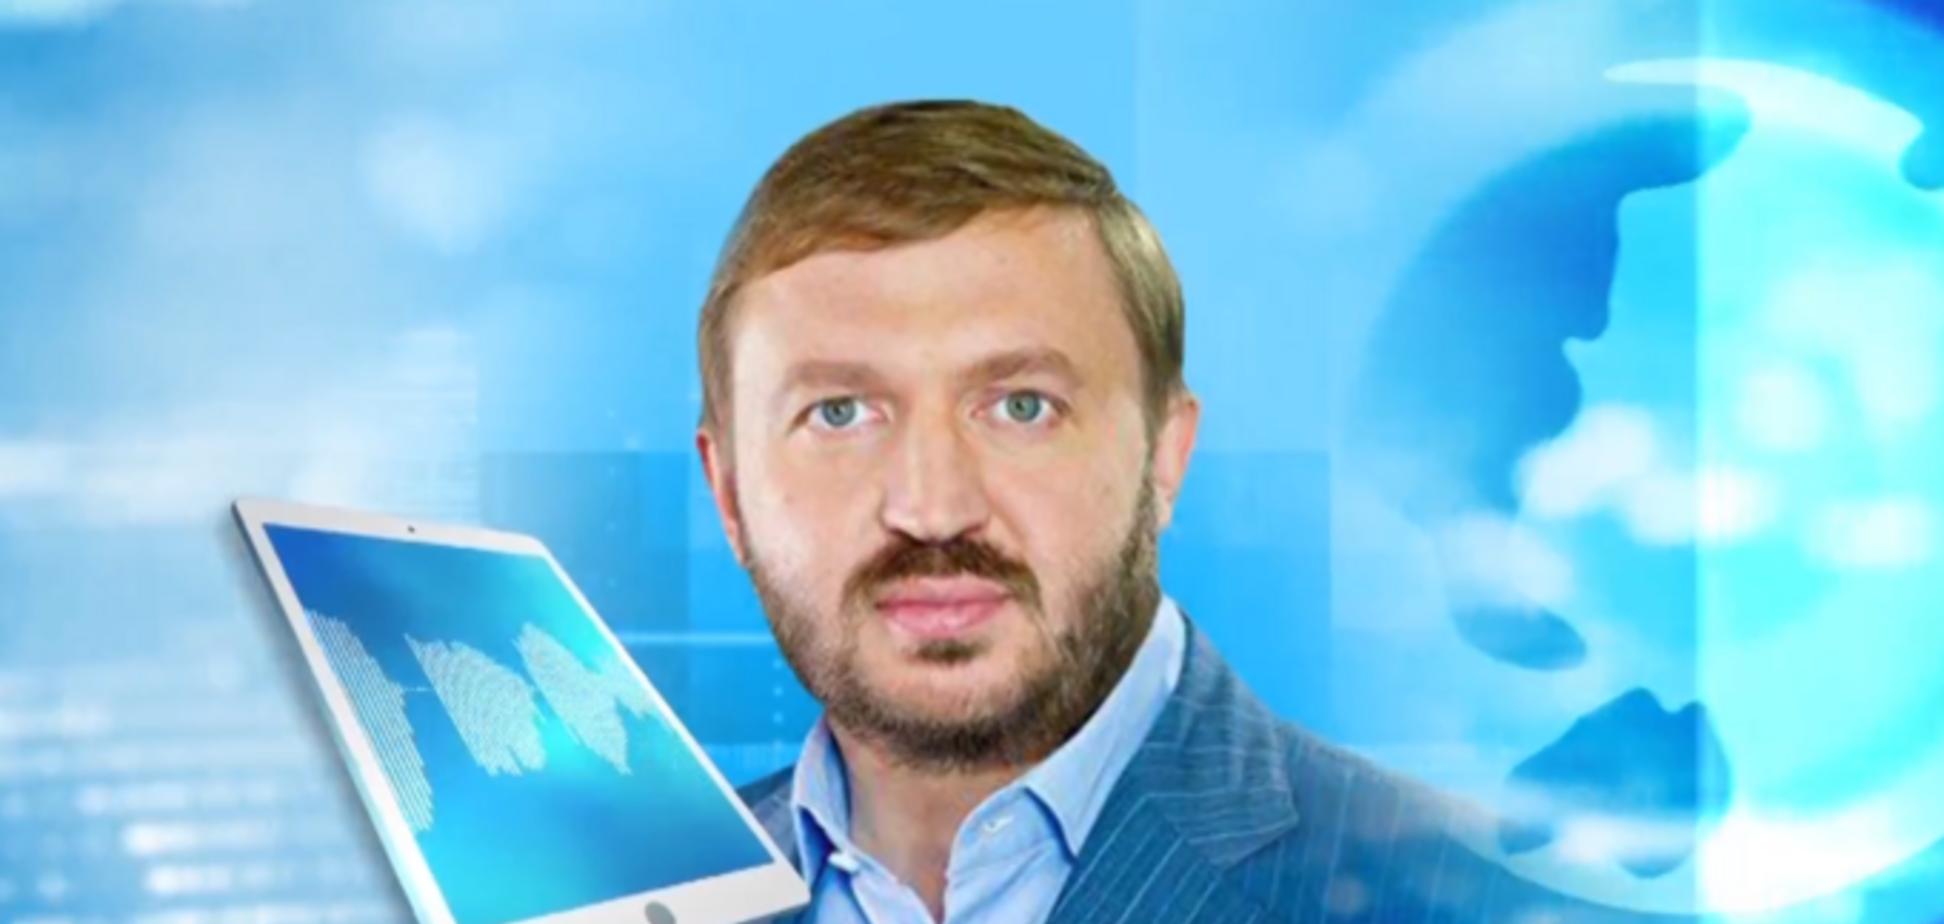 Коломойский хочет вернуть Приватбанк: эксперт объяснил, стоит ли волноваться клиентам